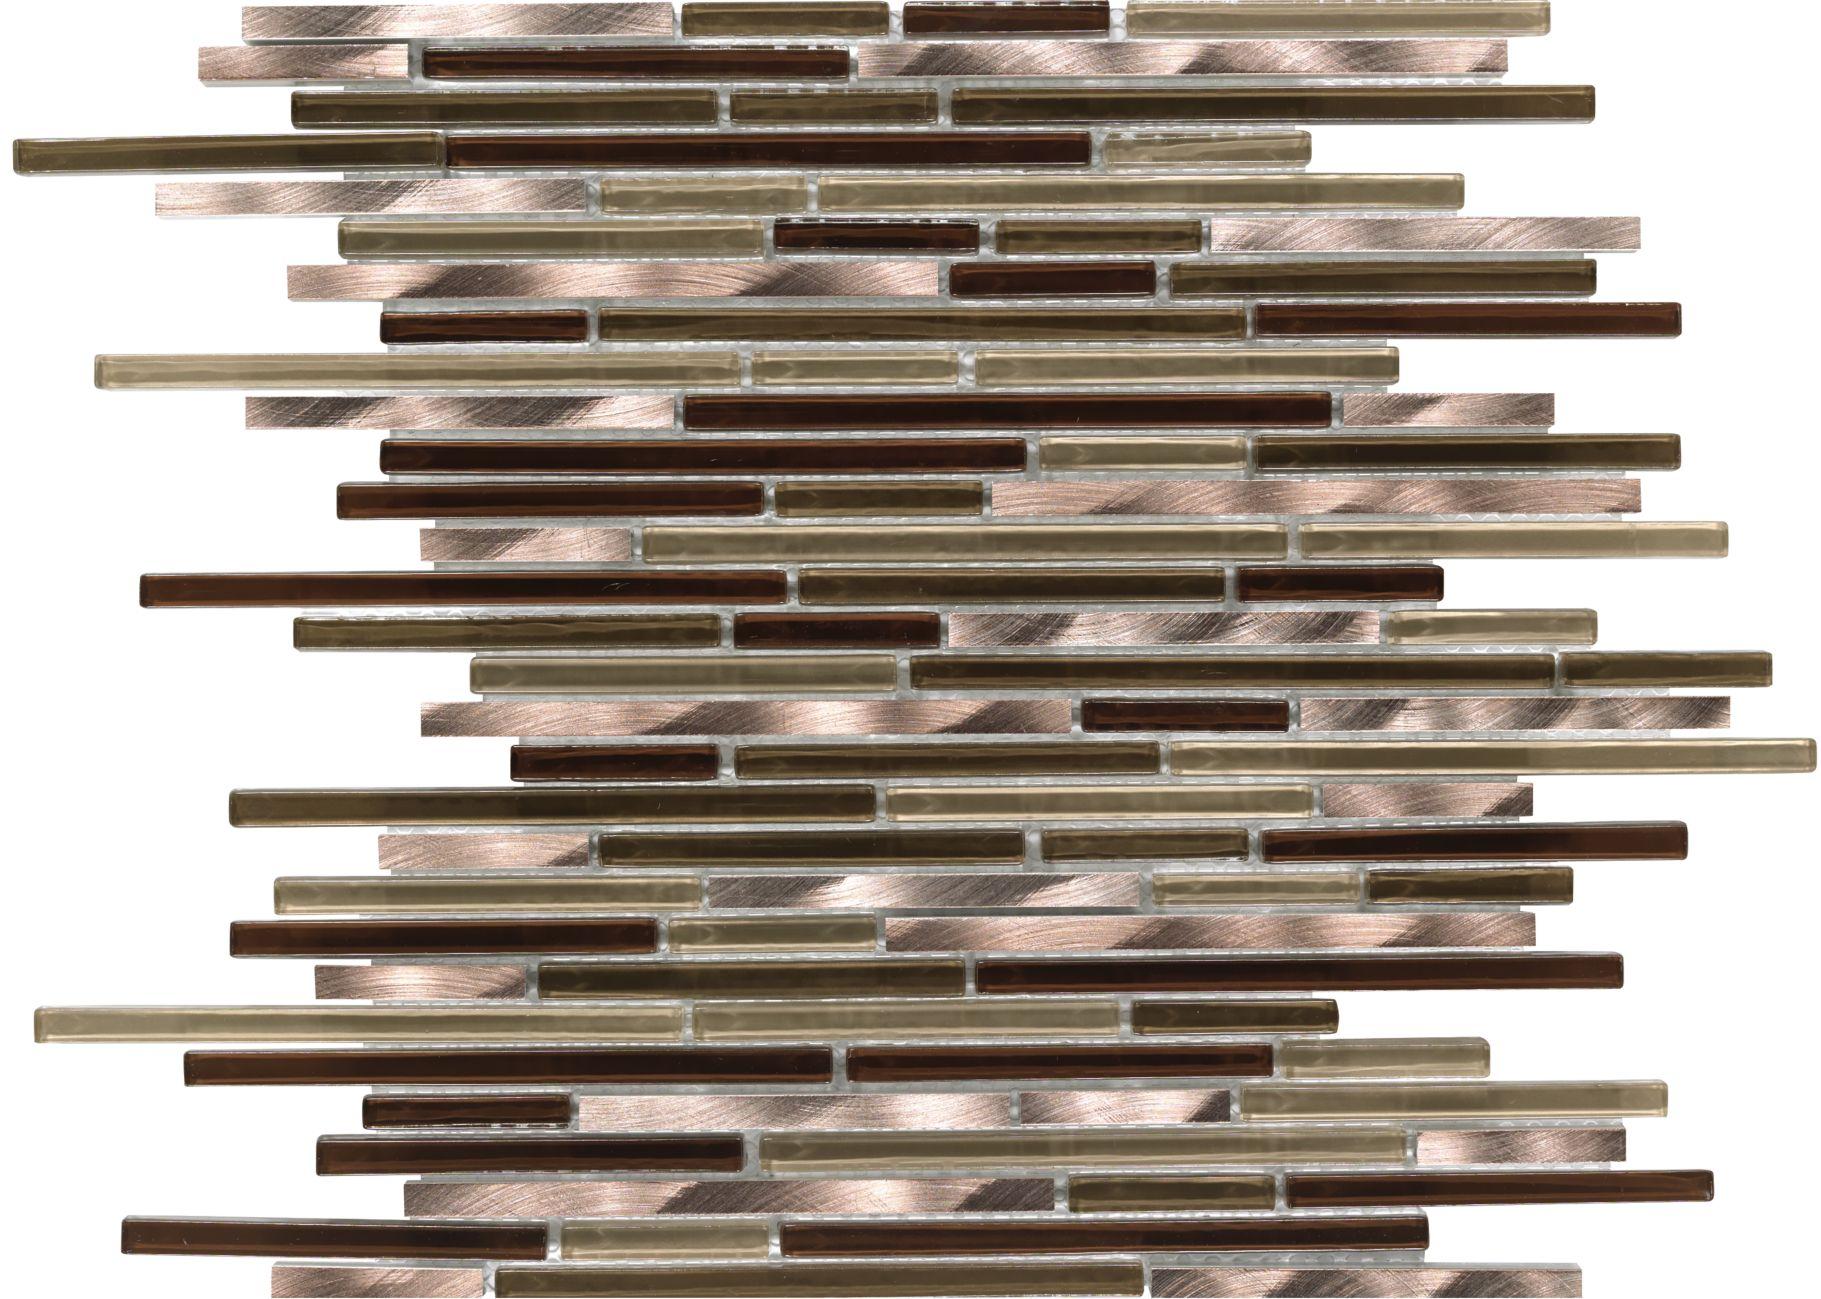 CeramicPorcelainTile ArborMetals T818-AM08 Iron